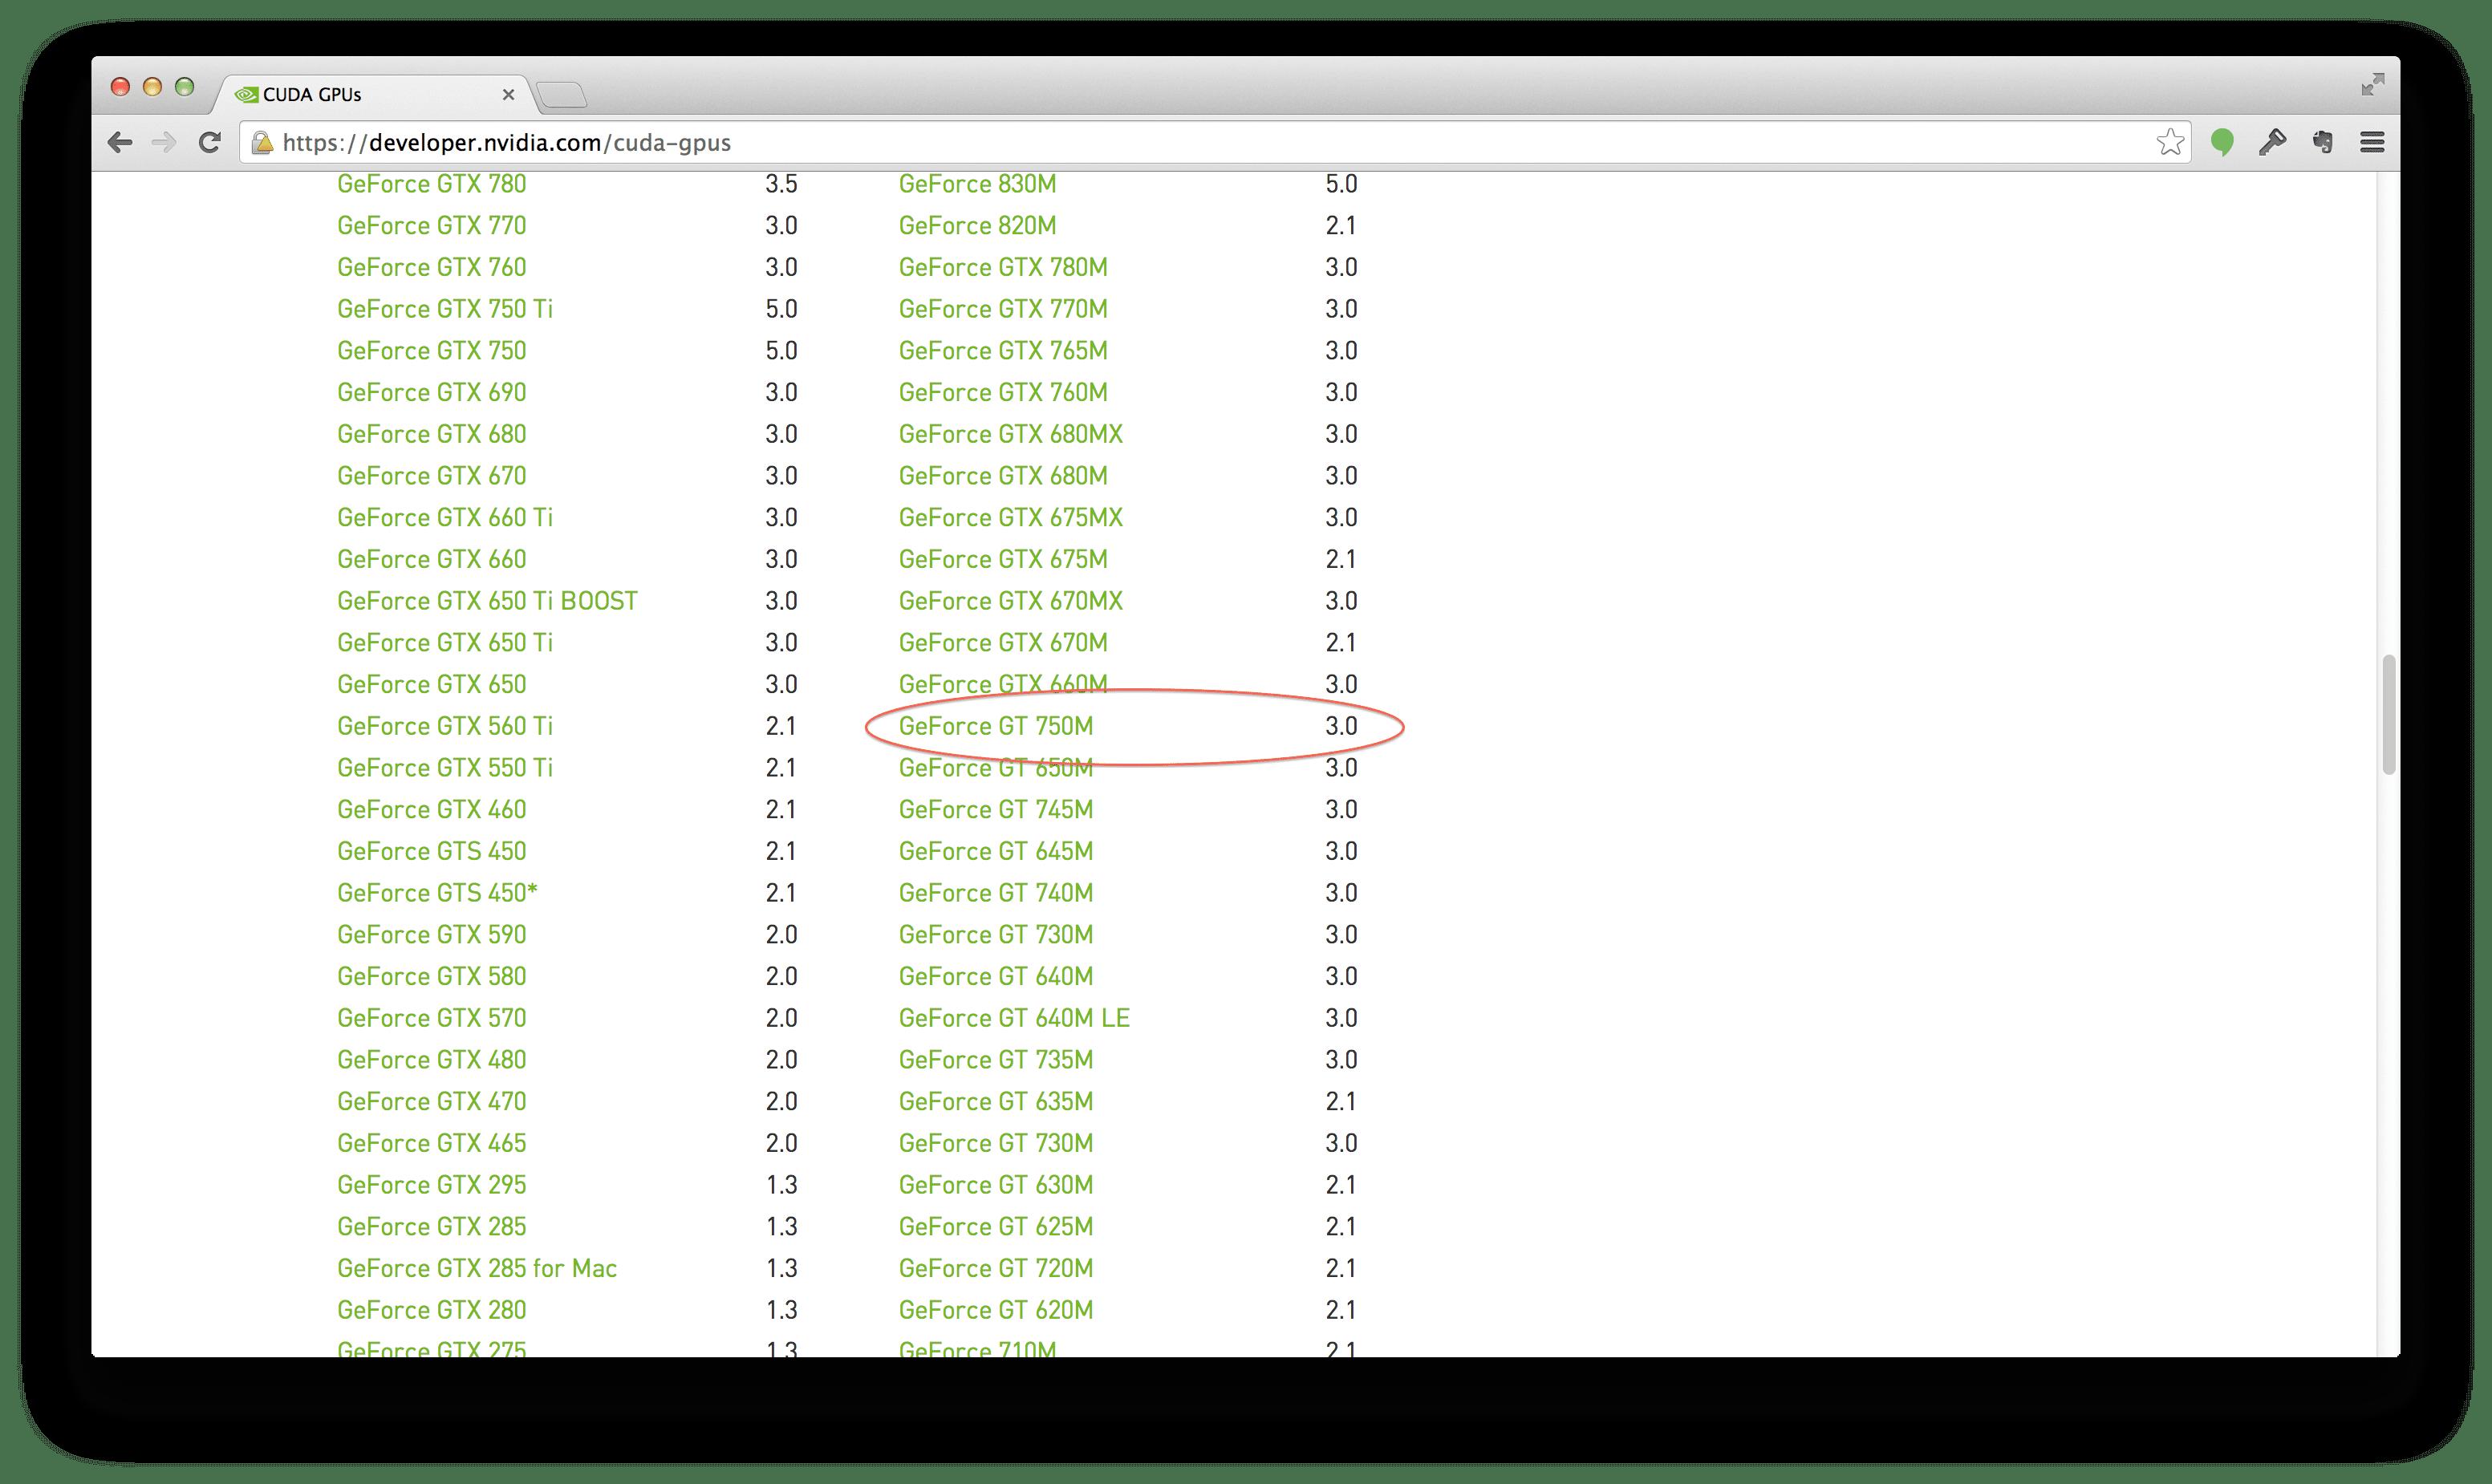 Determining of my GPU is CUDA-capable or not